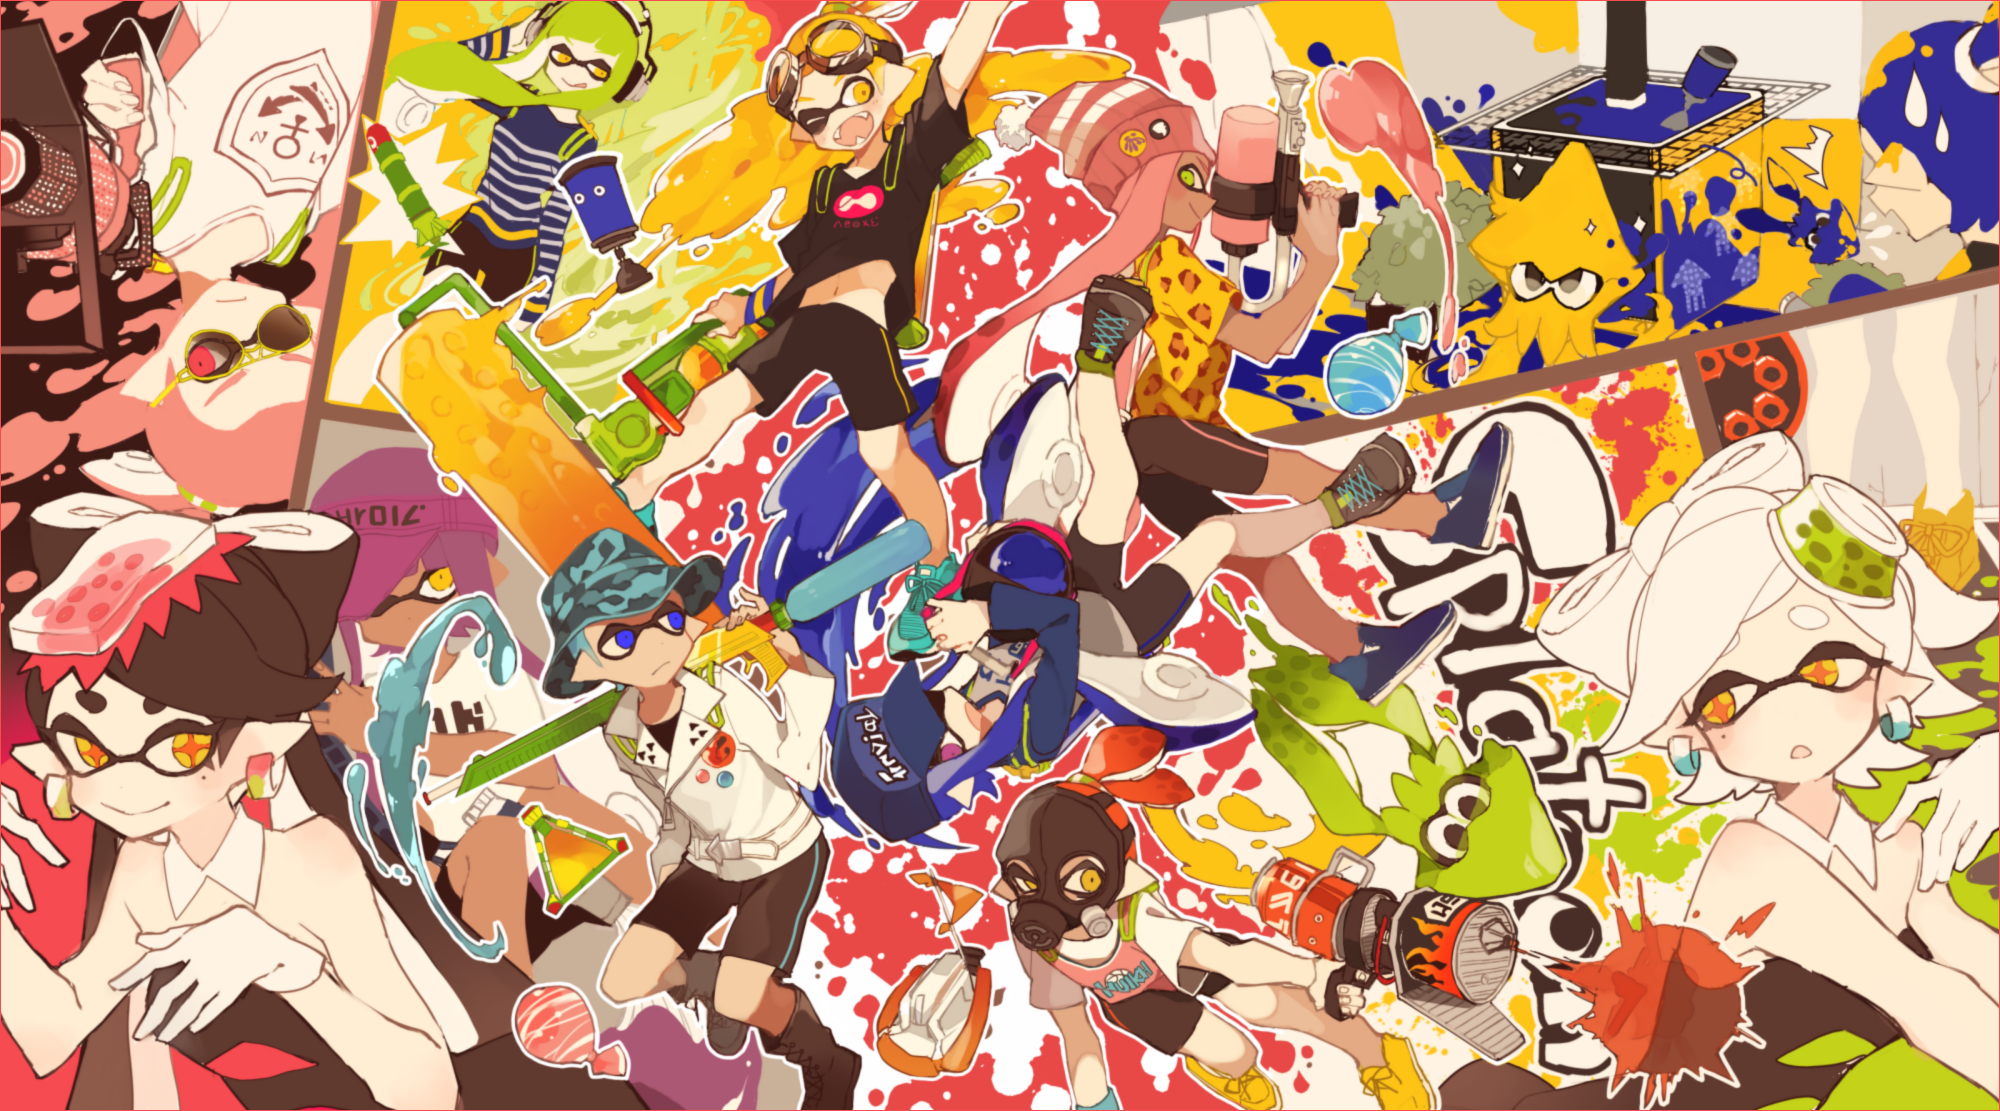 Splatoon wallpaper 1938392 zerochan anime image board - Fanart anime wallpaper ...